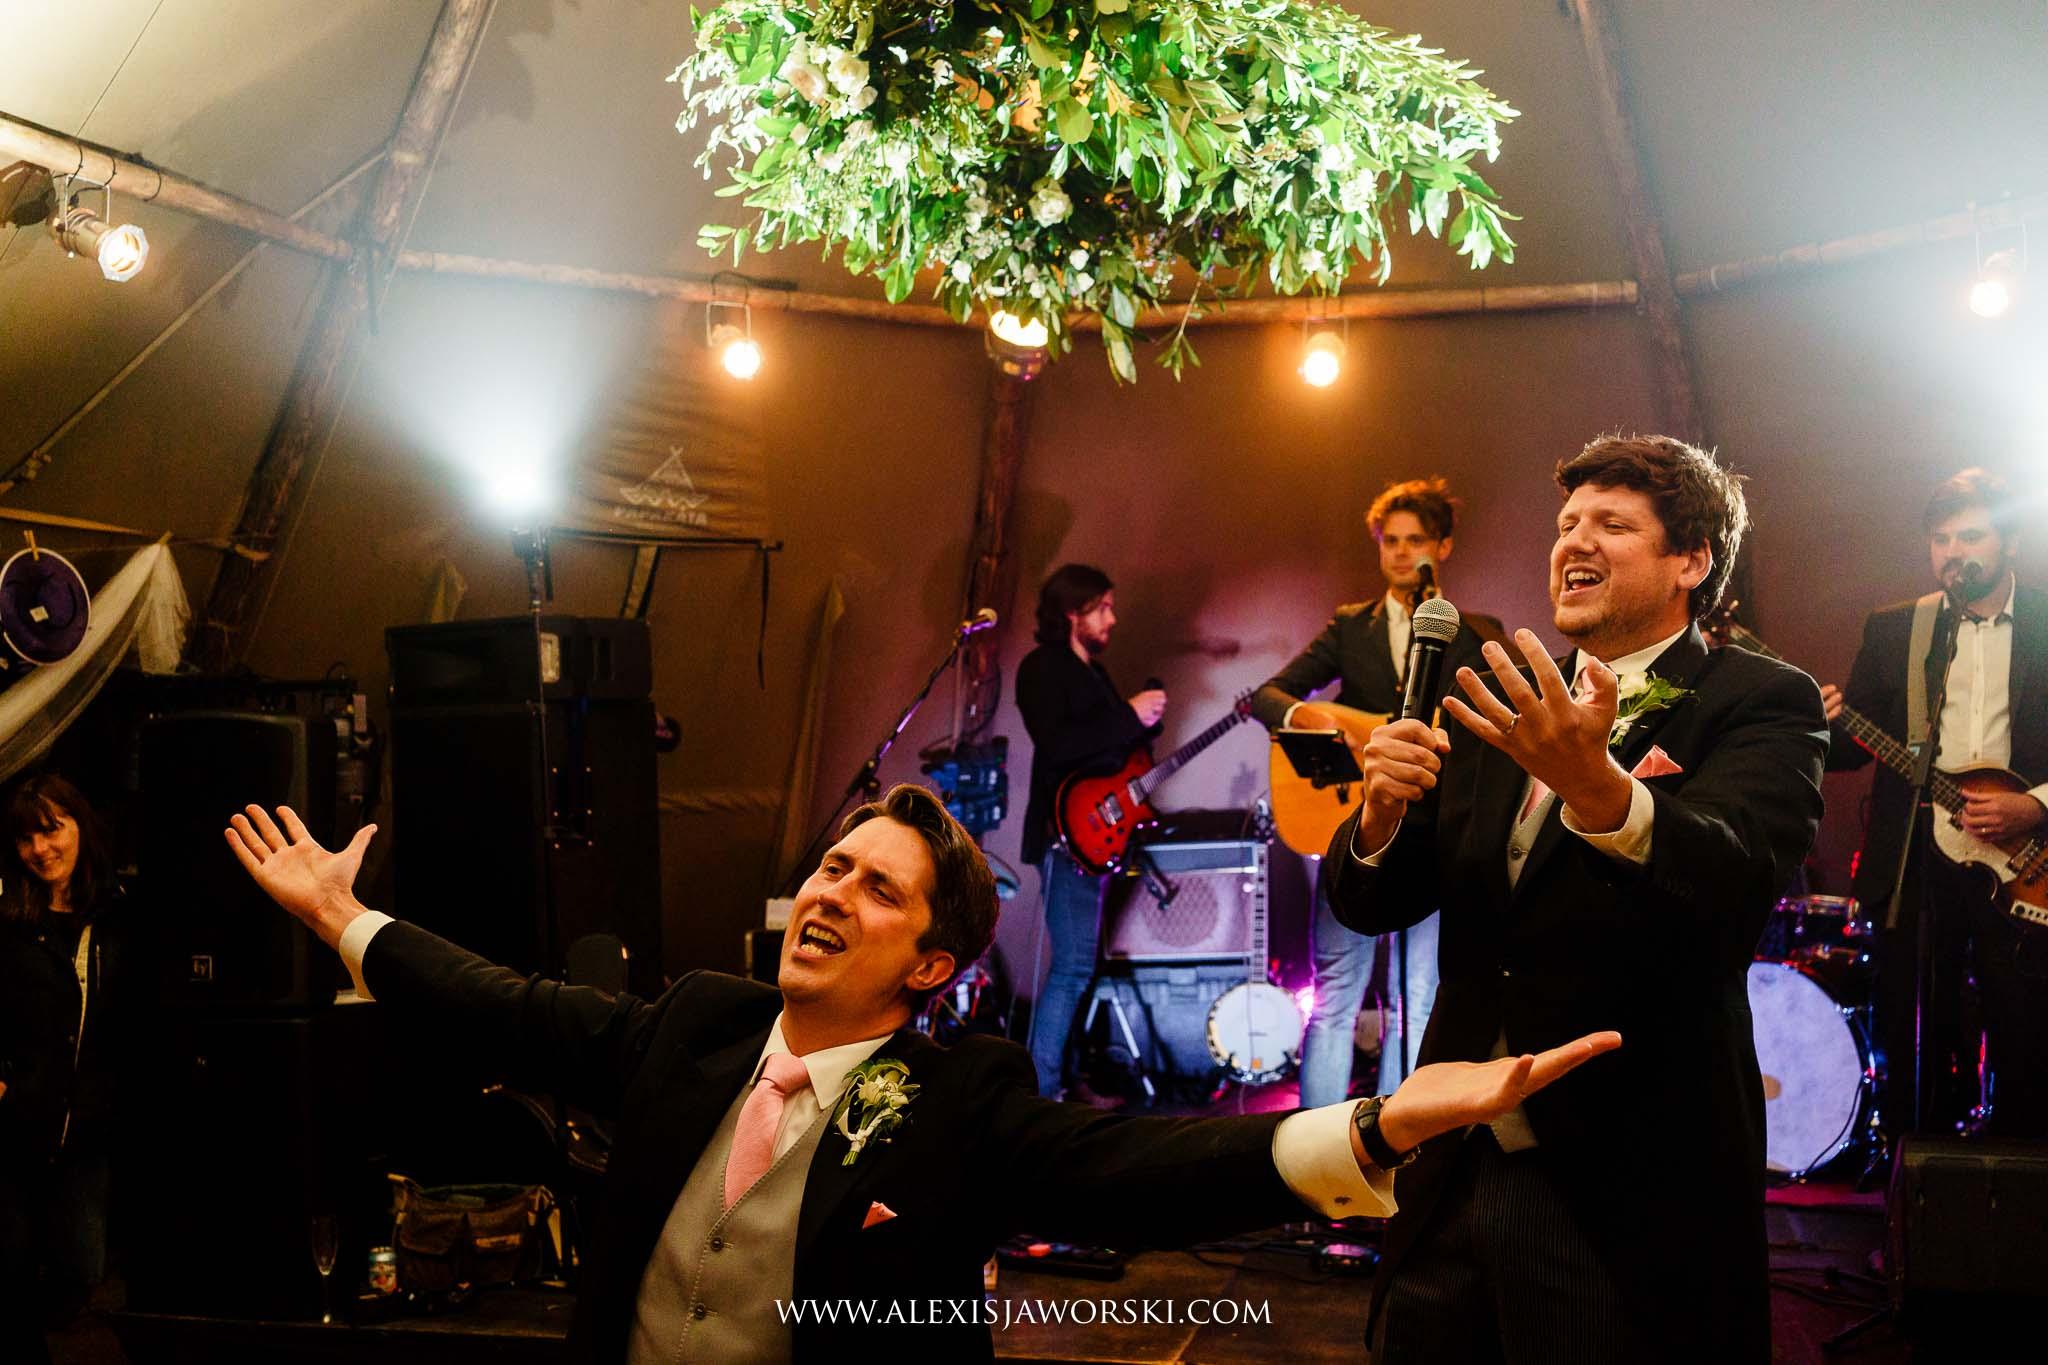 The bridesmen singing